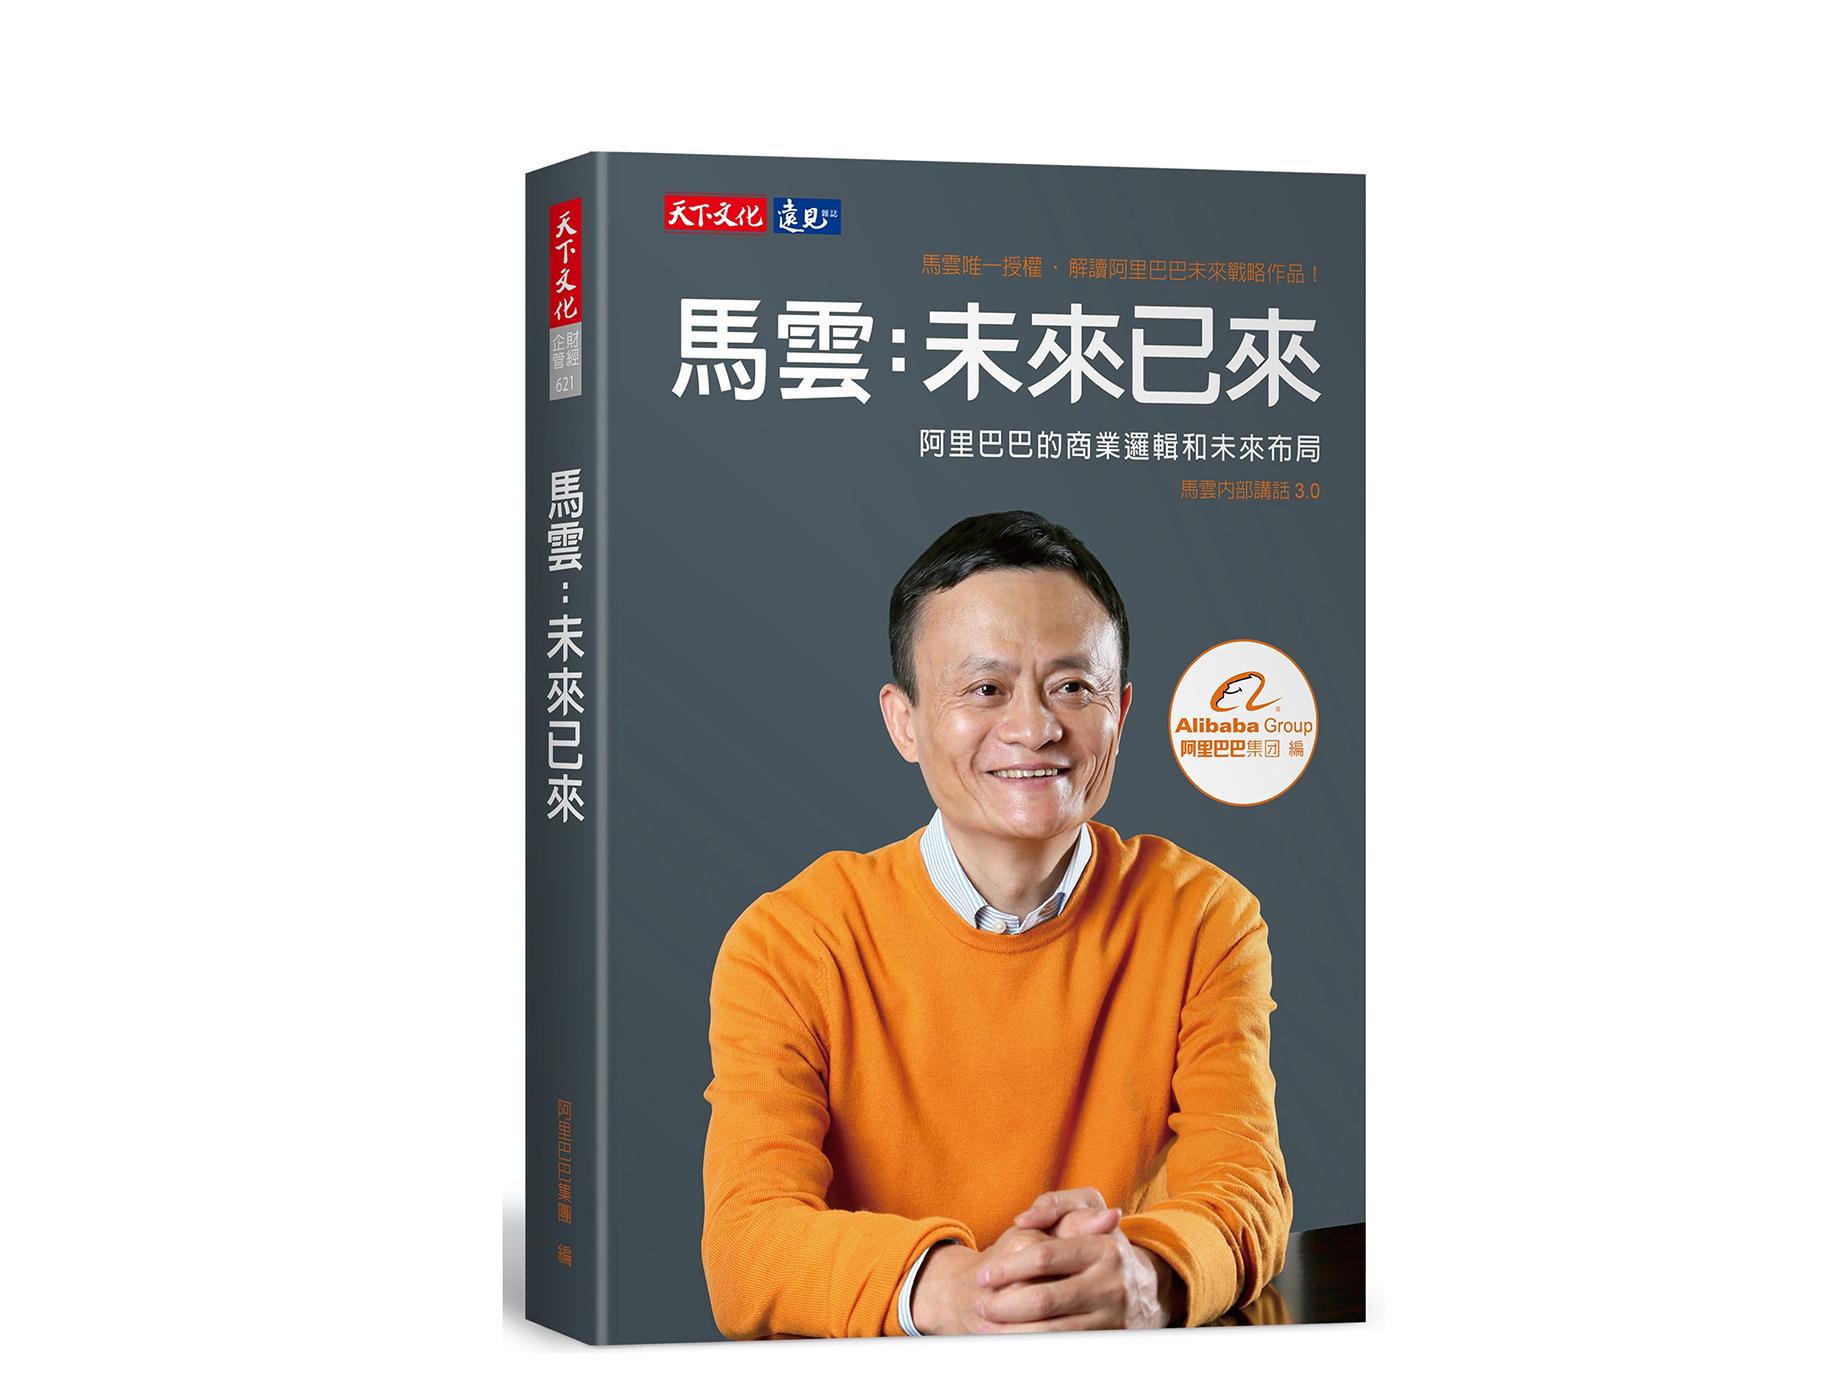 新書搶先看》馬雲:一家偉大的公司,必須解決社會問題